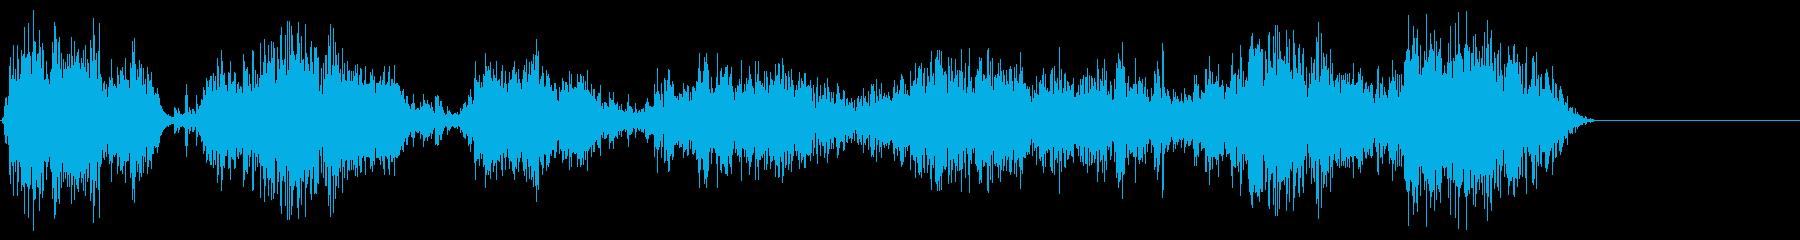 チェーンラトル;チェーンの動きに沿...の再生済みの波形